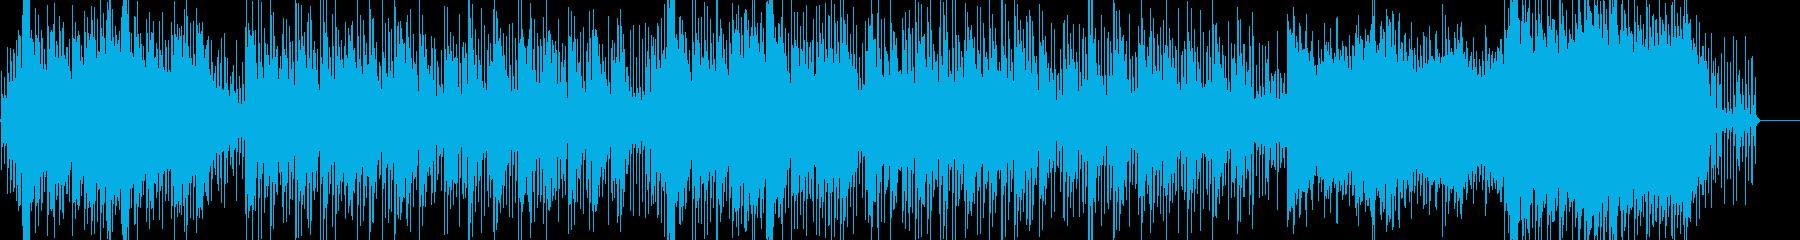 シタールによる異国情緒あふれるBGMの再生済みの波形